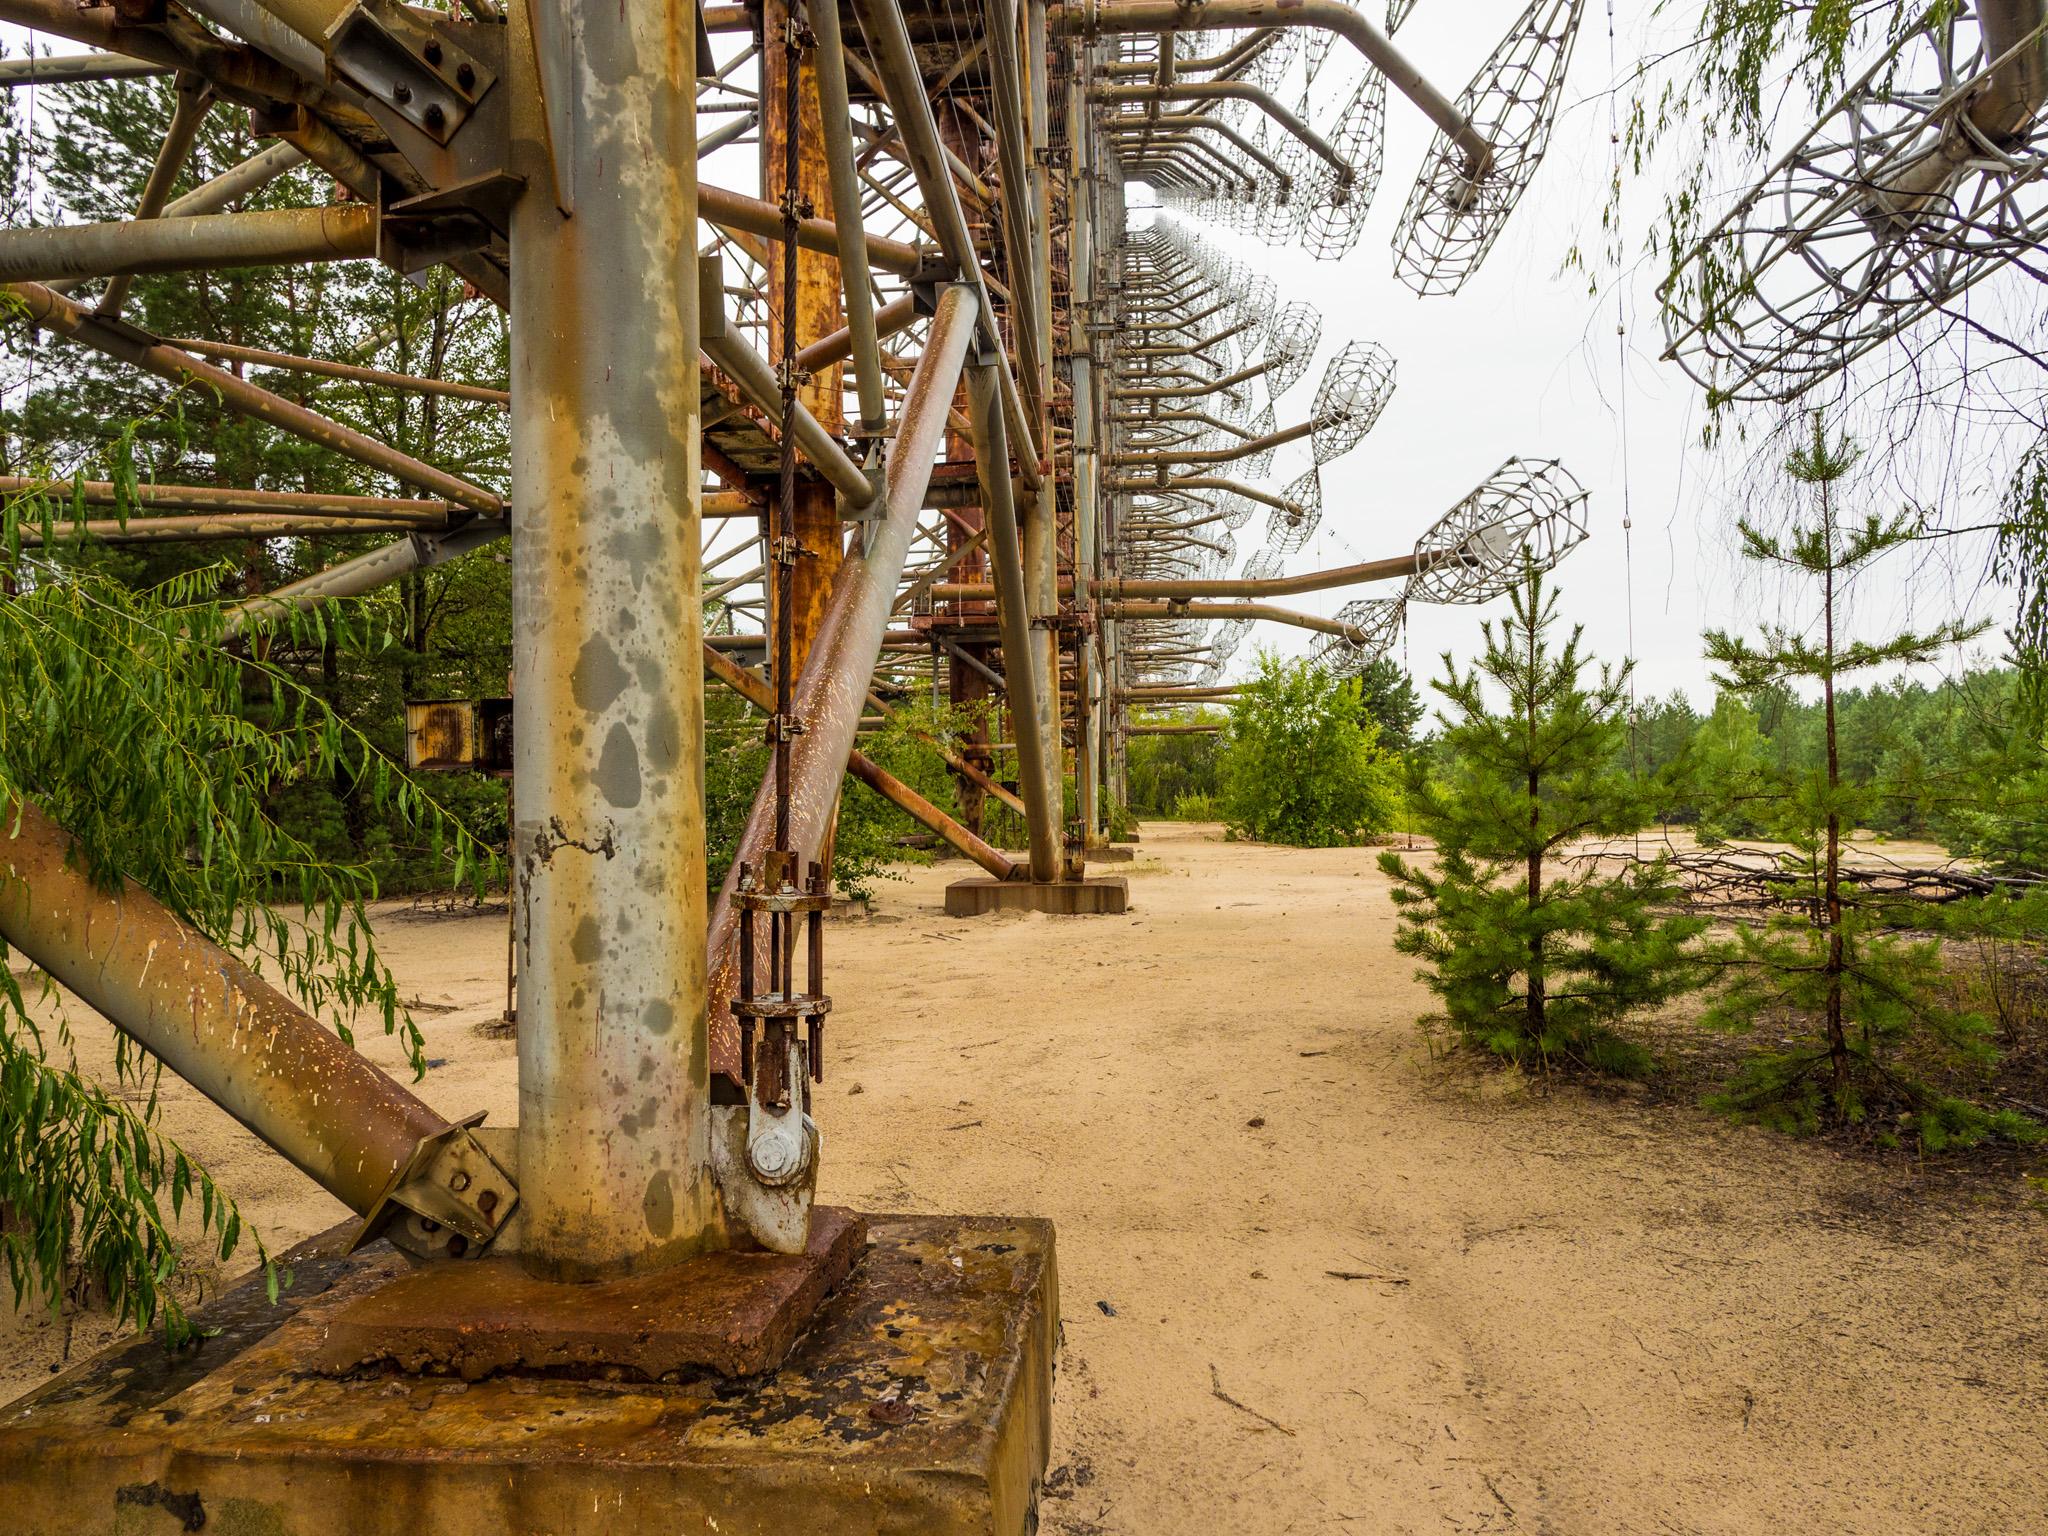 Eric Berger: DUGA 1 Radaranlage bei Tschernobyl